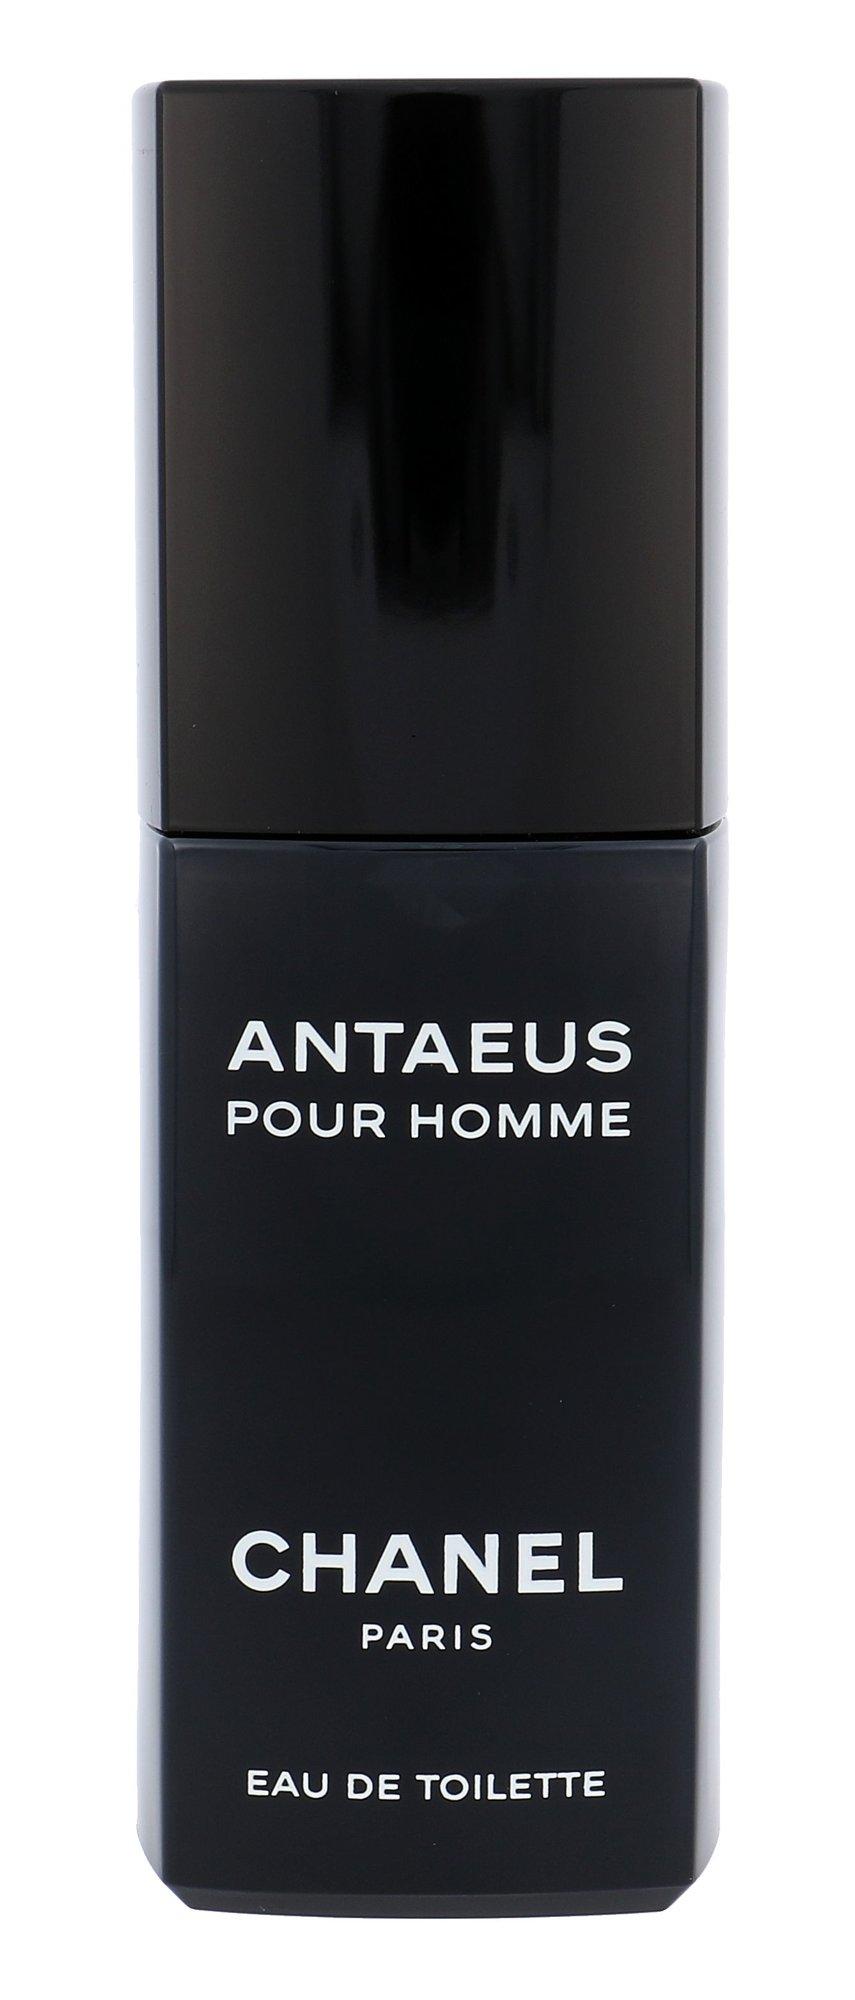 Chanel Antaeus Pour Homme EDT 100ml